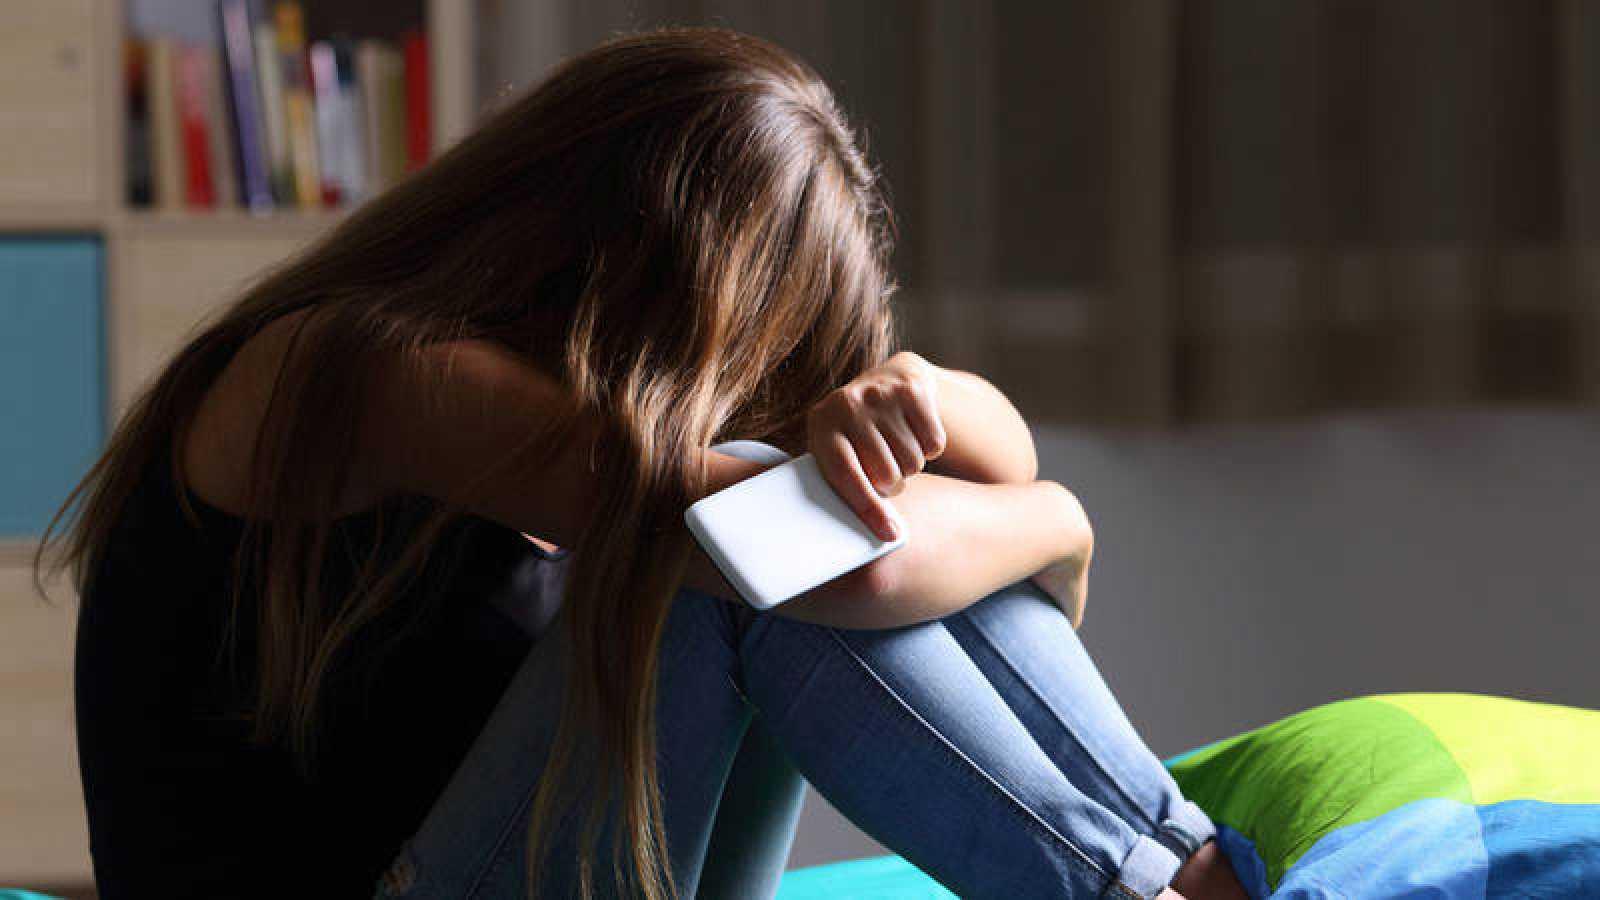 Investigan extremo bullying colegial a niña en Ciudad Bolívar